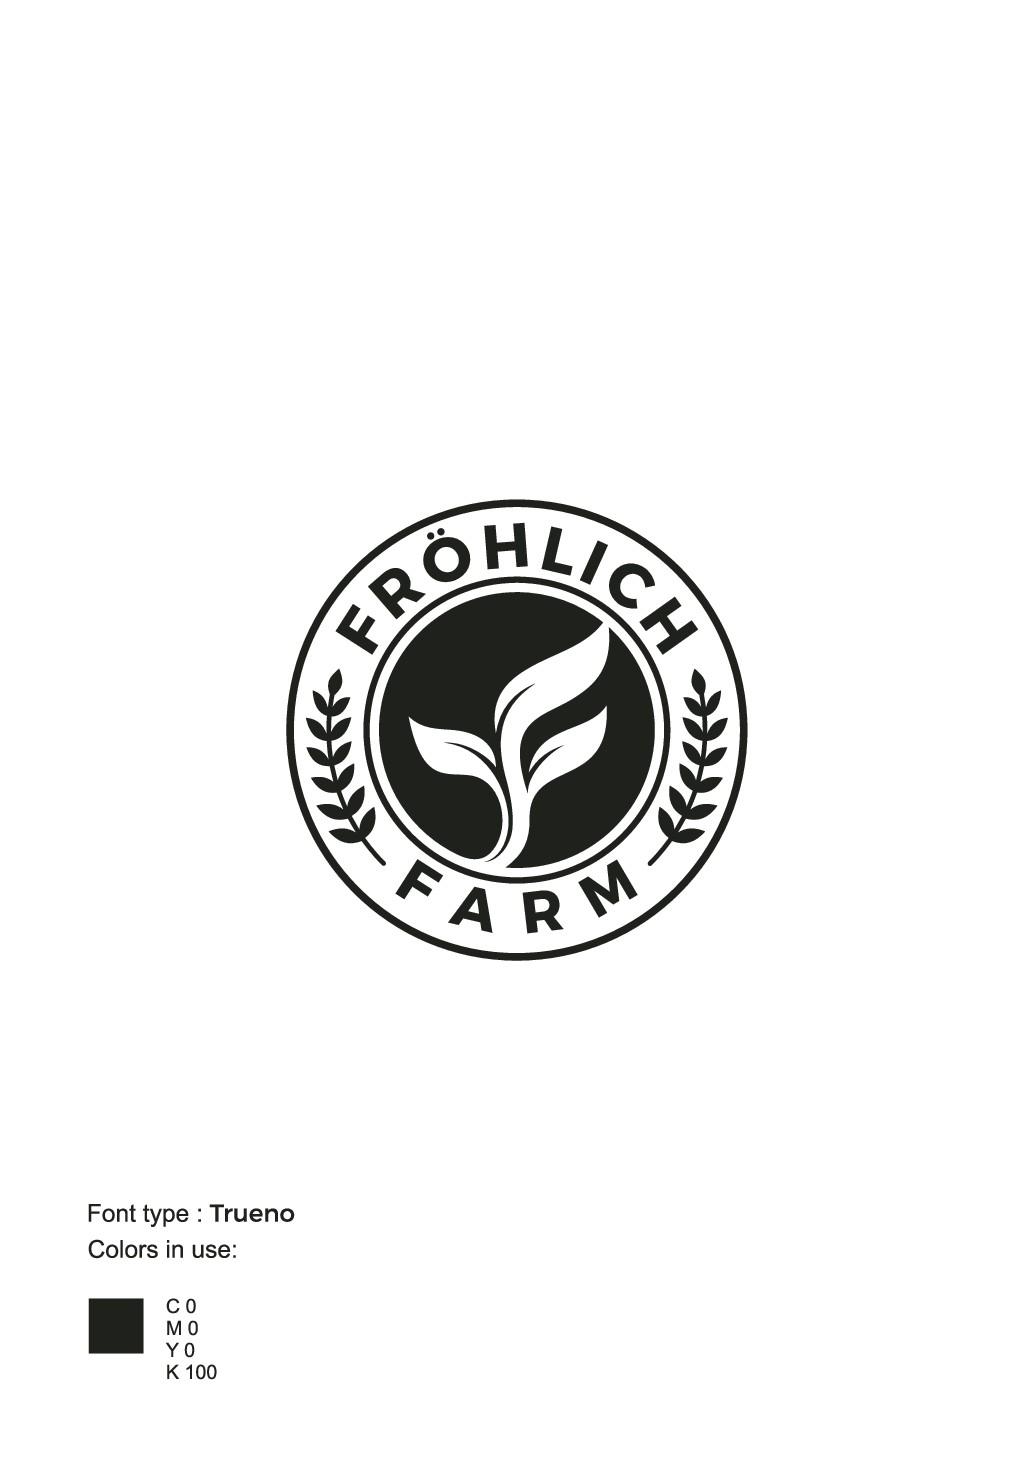 Moderne Landwirtschaft mit Link zum Konsumenten sucht neues Logo